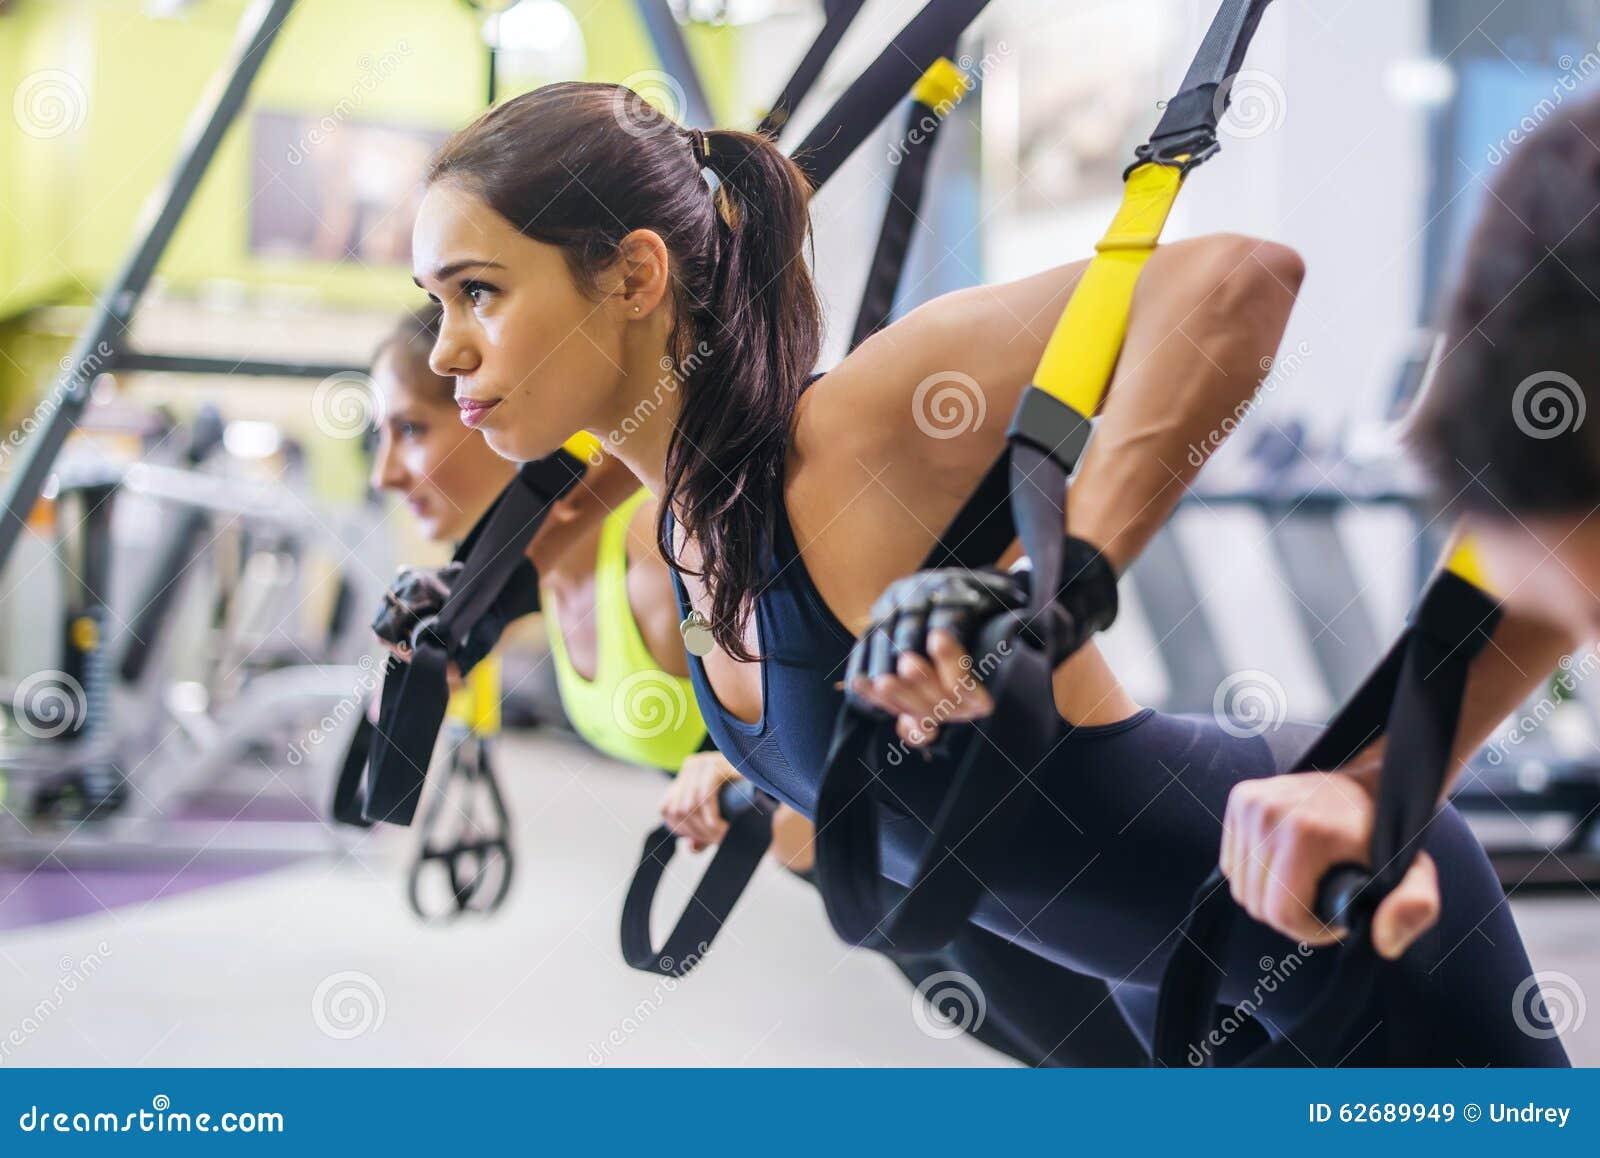 Fare delle donne spinge aumenta le armi di addestramento con trx